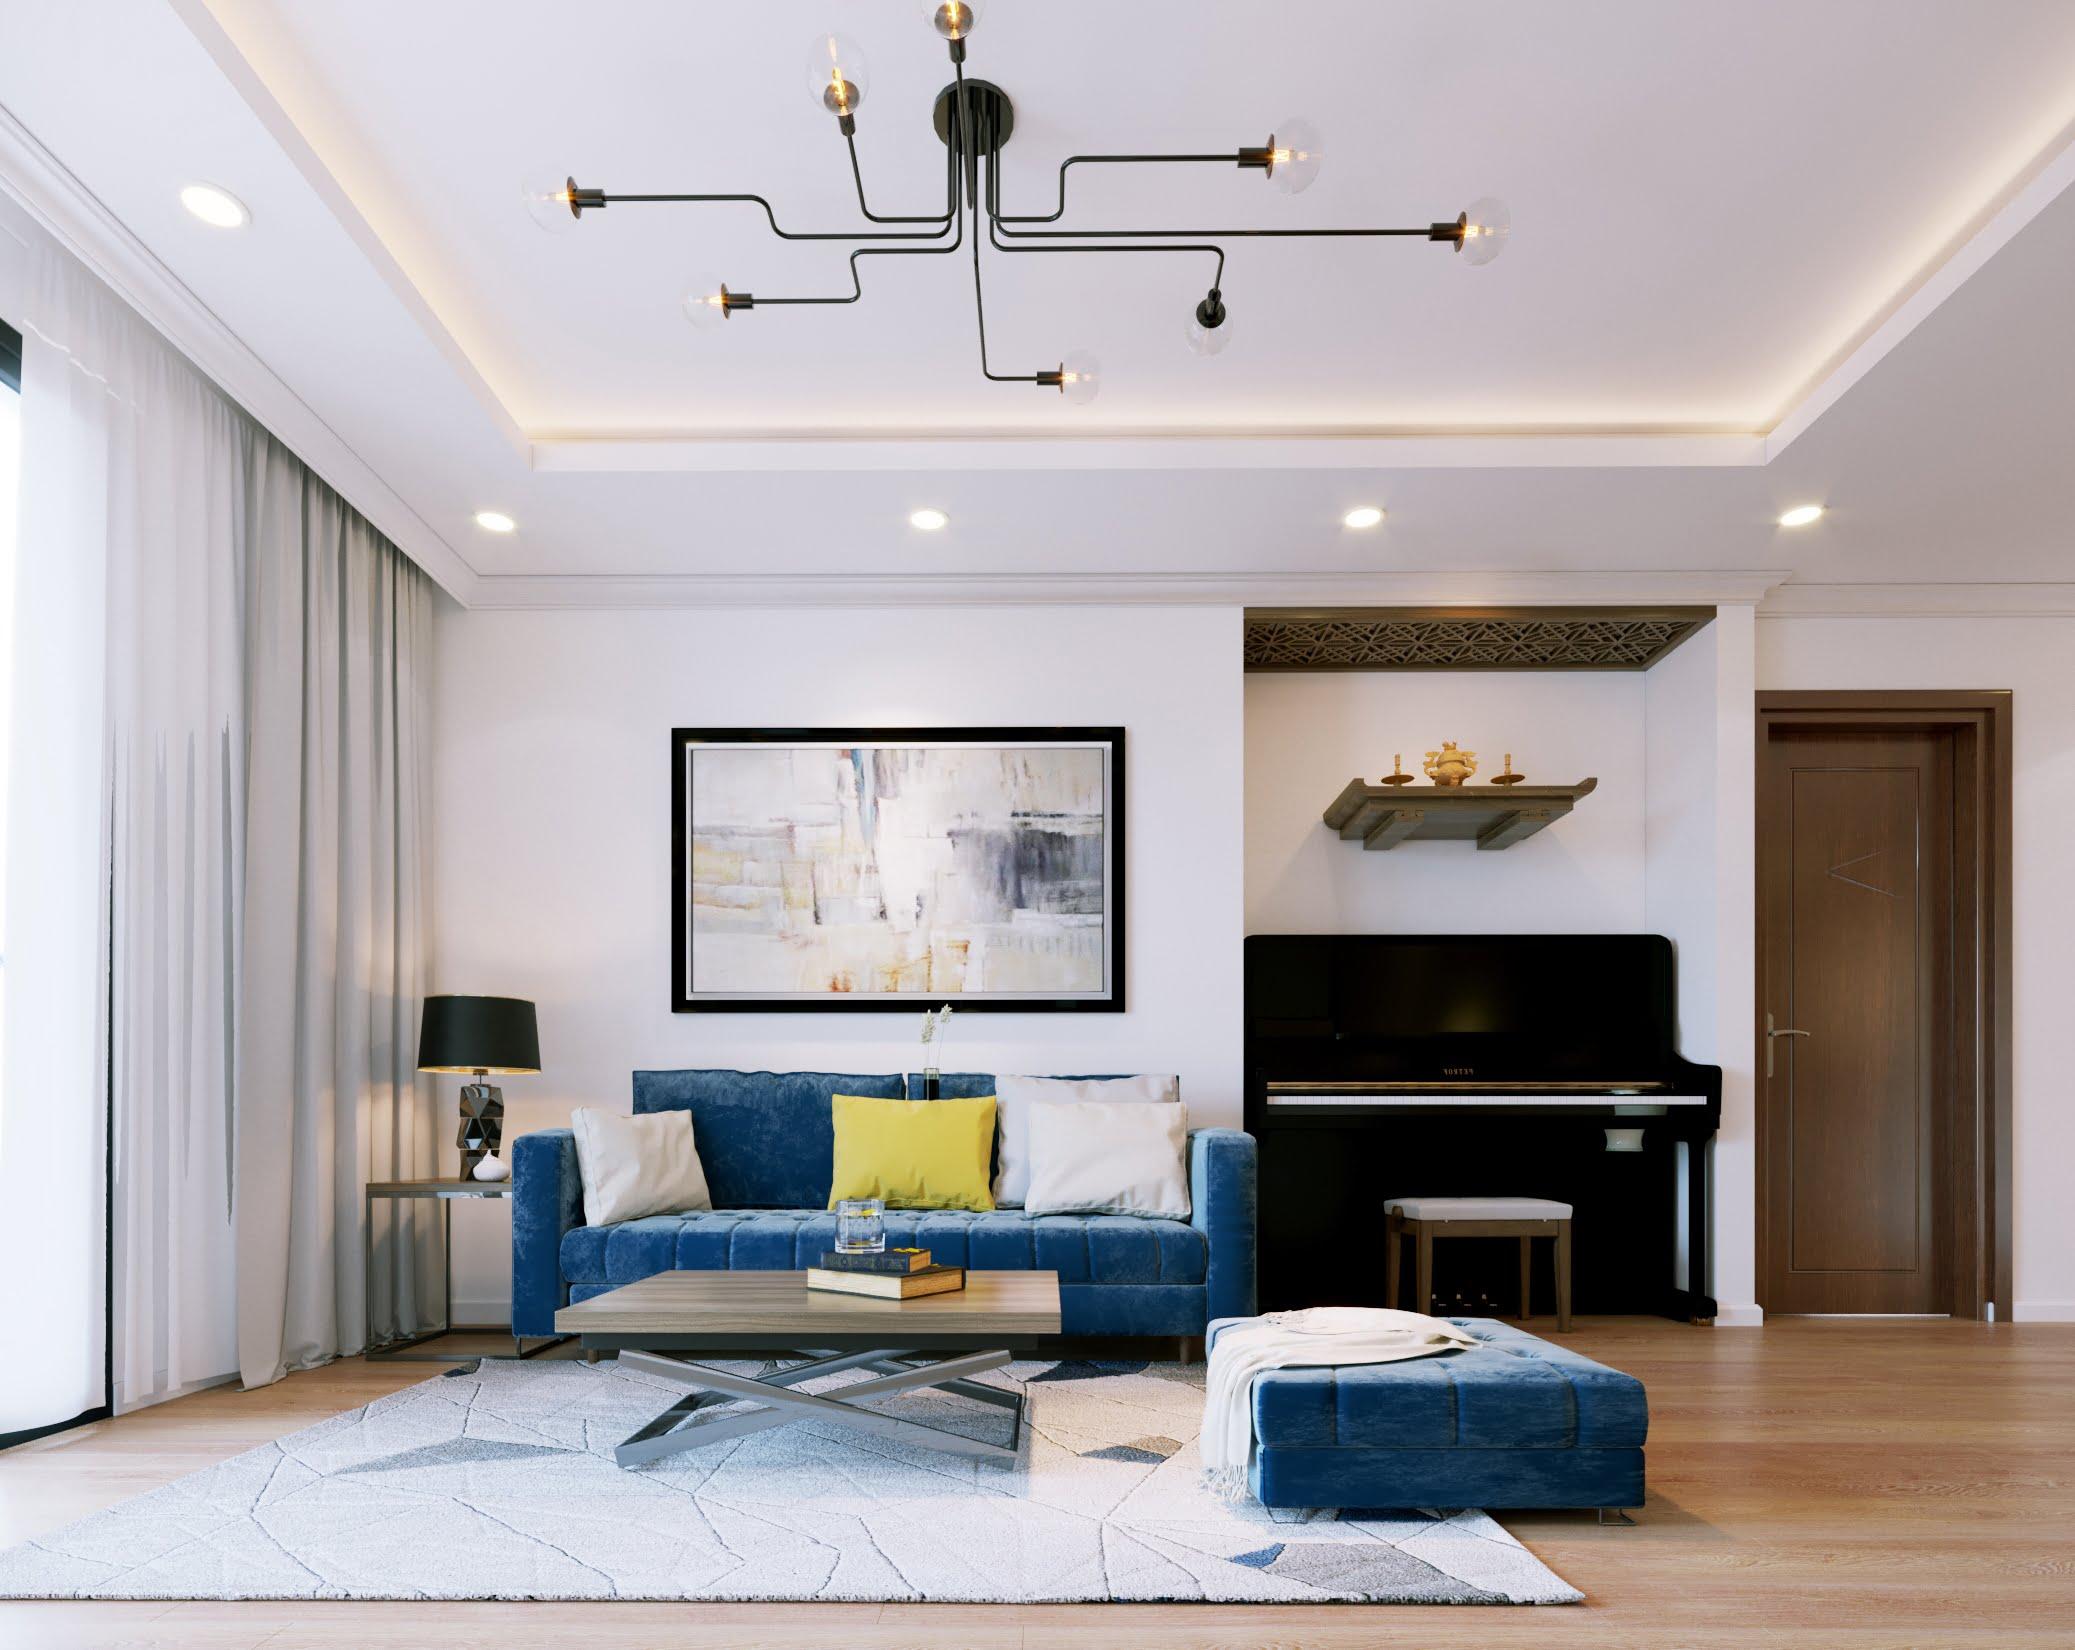 thiết kế phòng khách nhỏ 12